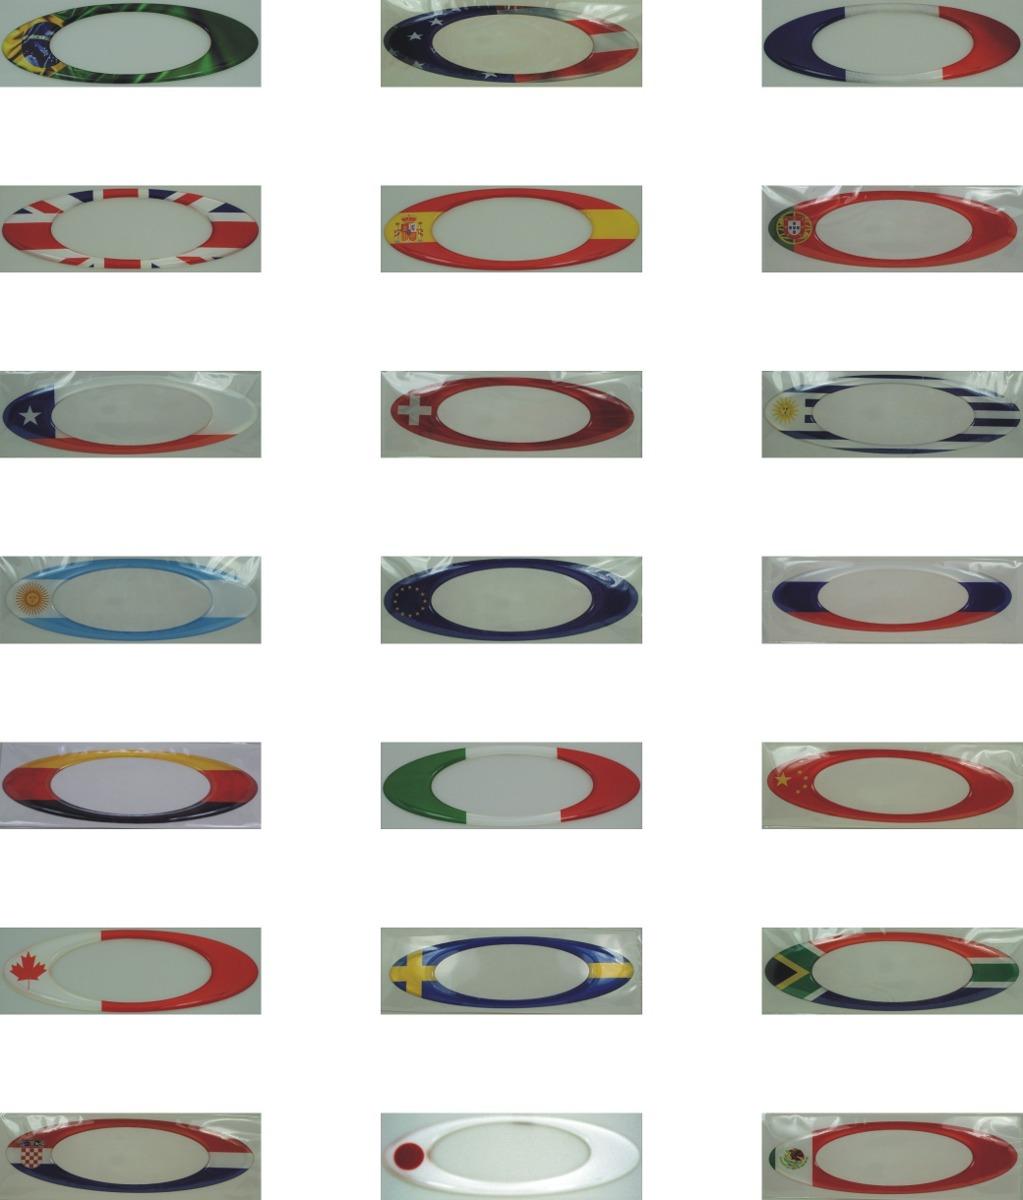 dff2d686c adesivos oakley brasil resinados bandeira paises 12x4cm@. Carregando zoom.